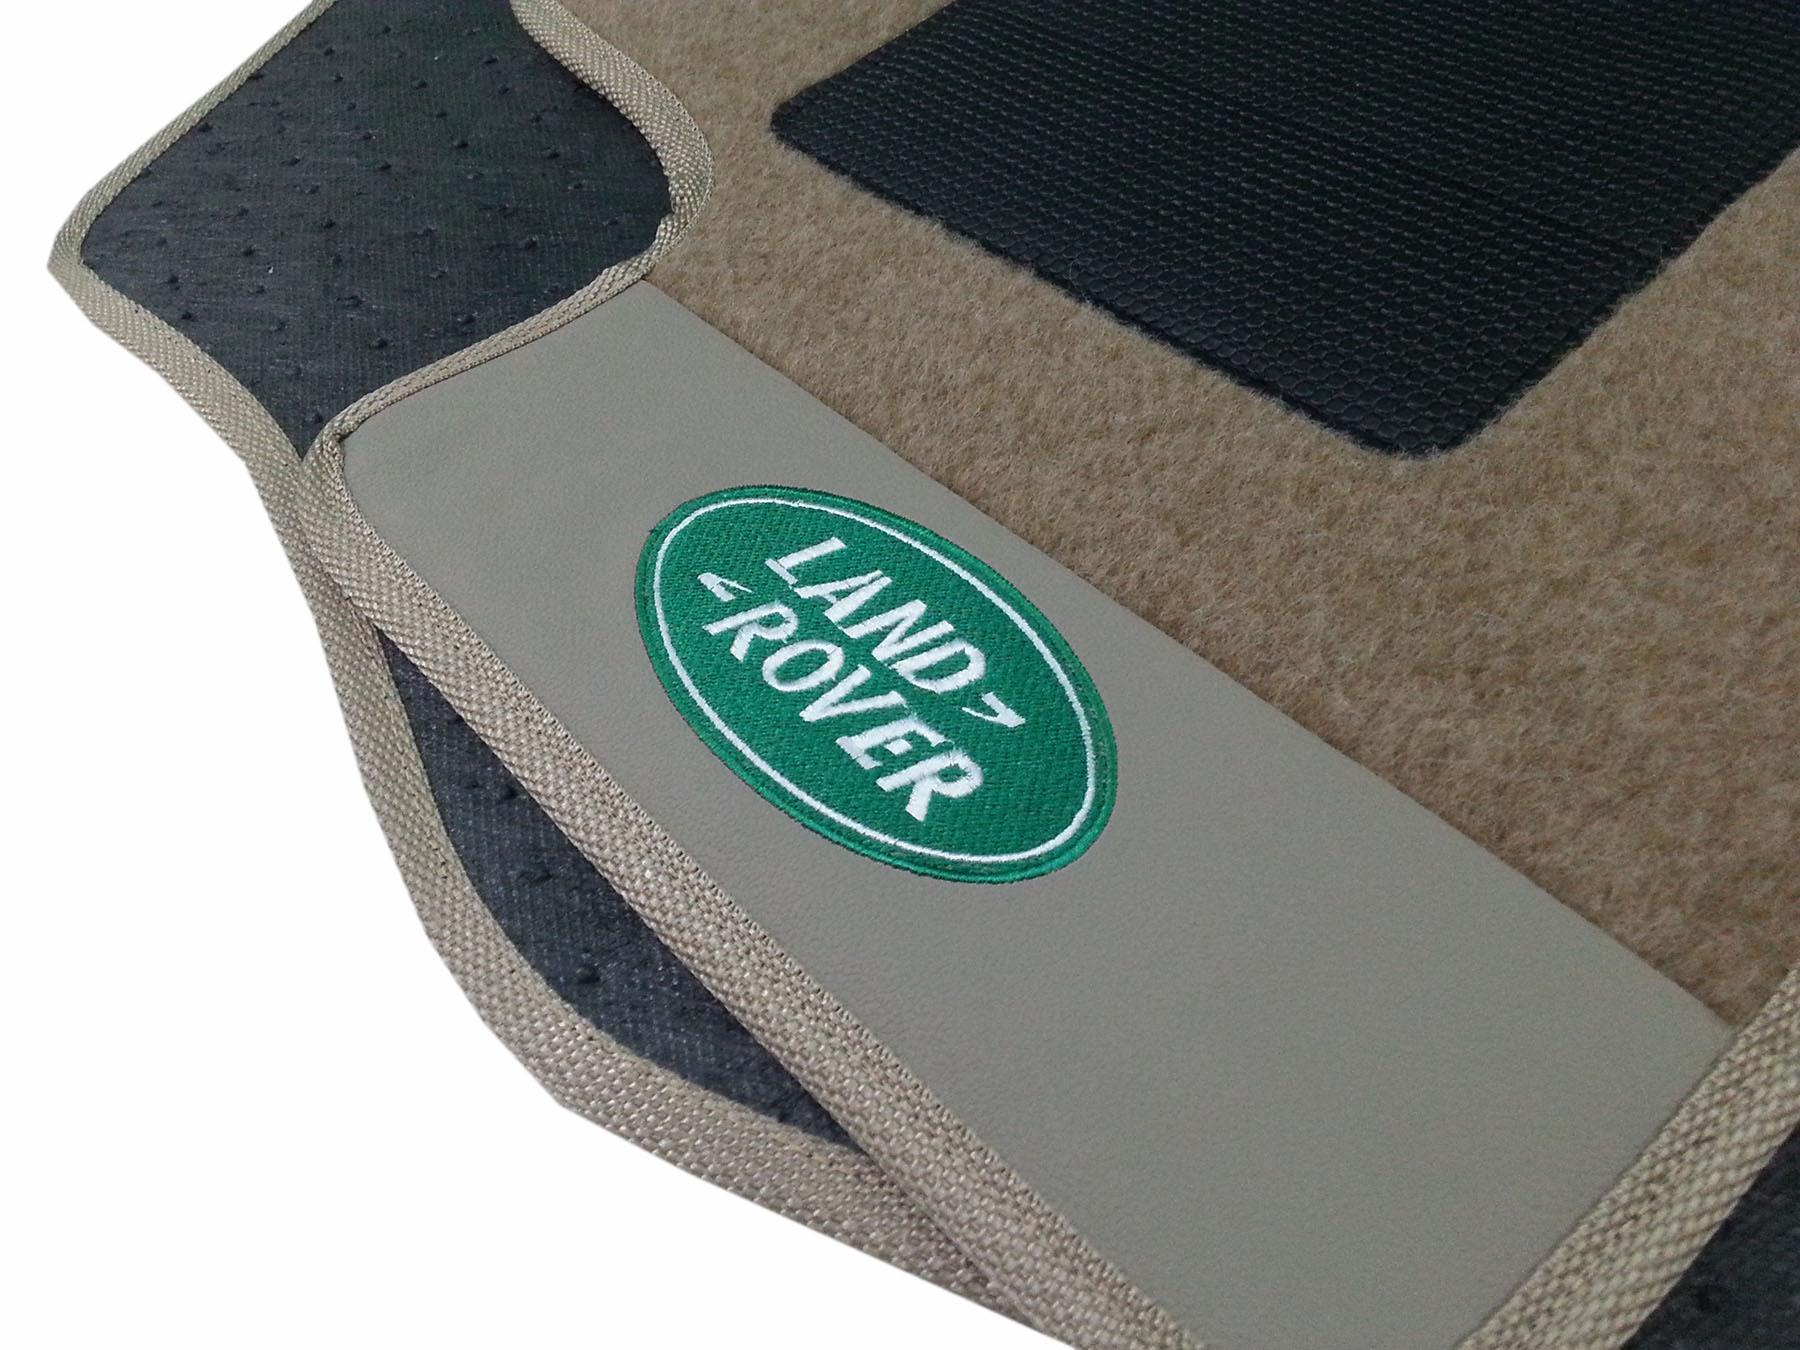 Tapete Land Rover Evoque 2016 Carpete Premium